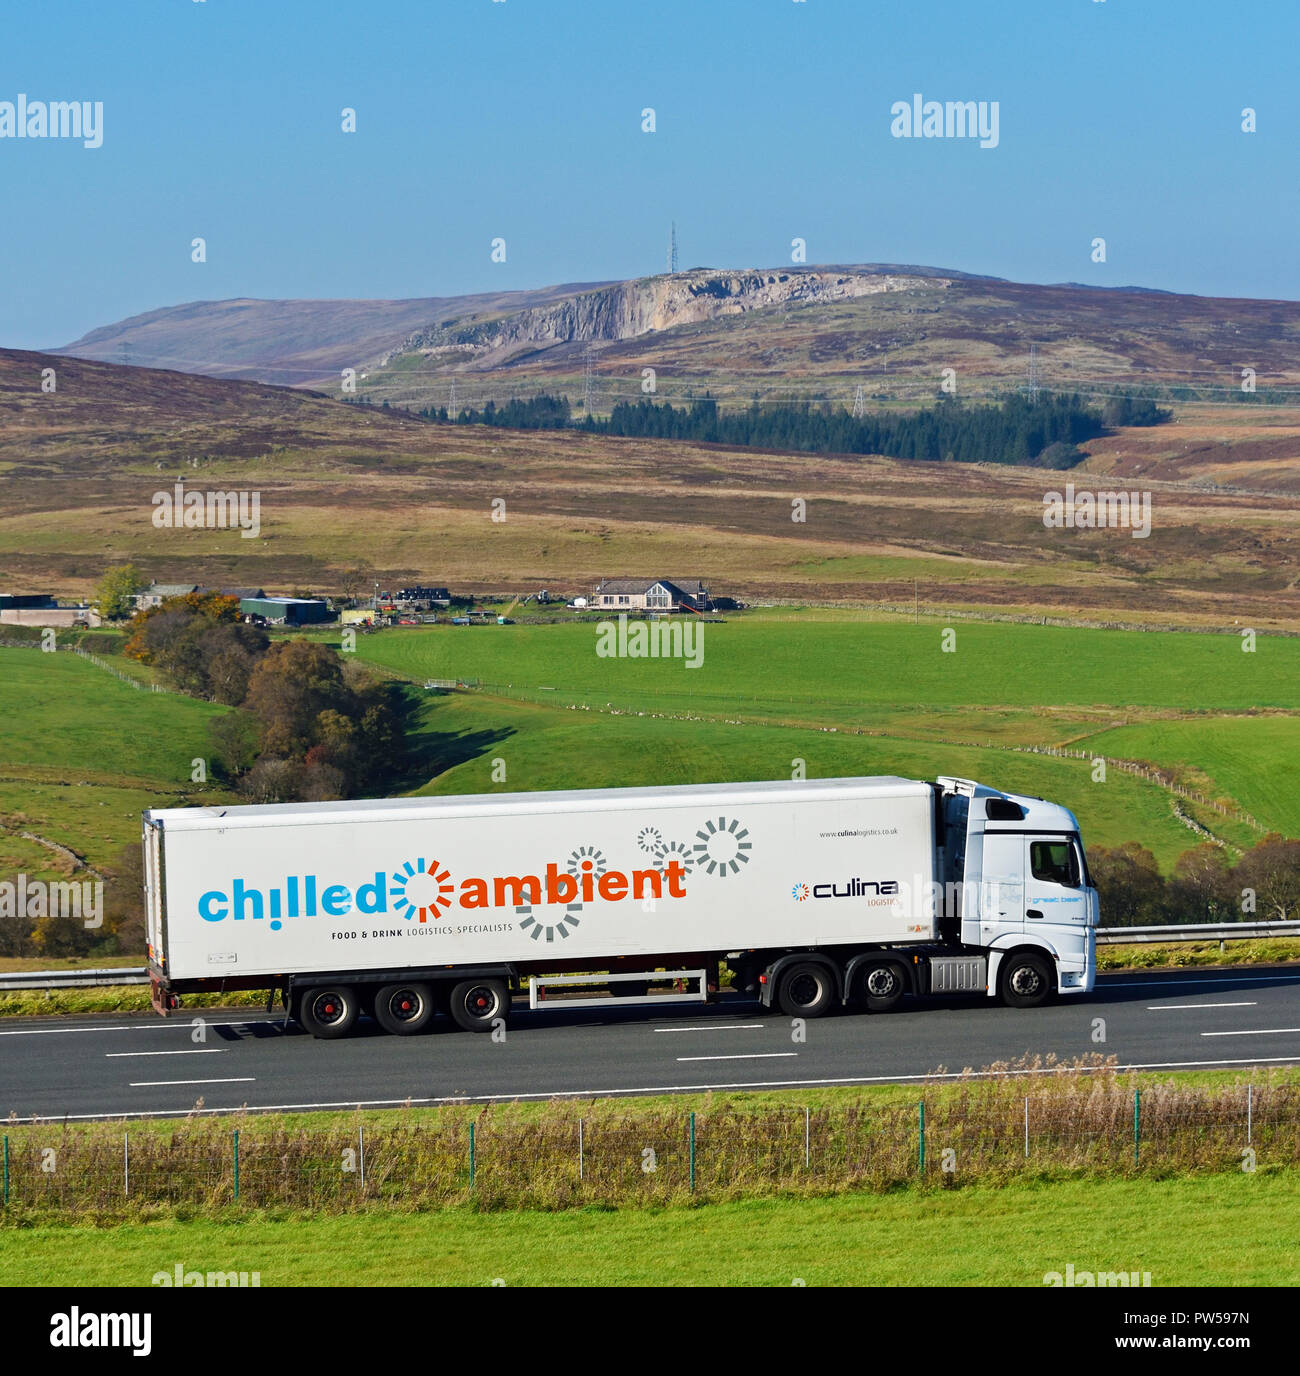 Culina Logistics HGV. Refrigerati e a temperatura ambiente il cibo e le bevande specialisti di logistica. M6 in direzione nord della carreggiata, Shap, Cumbria, Inghilterra, Regno Unito. Immagini Stock